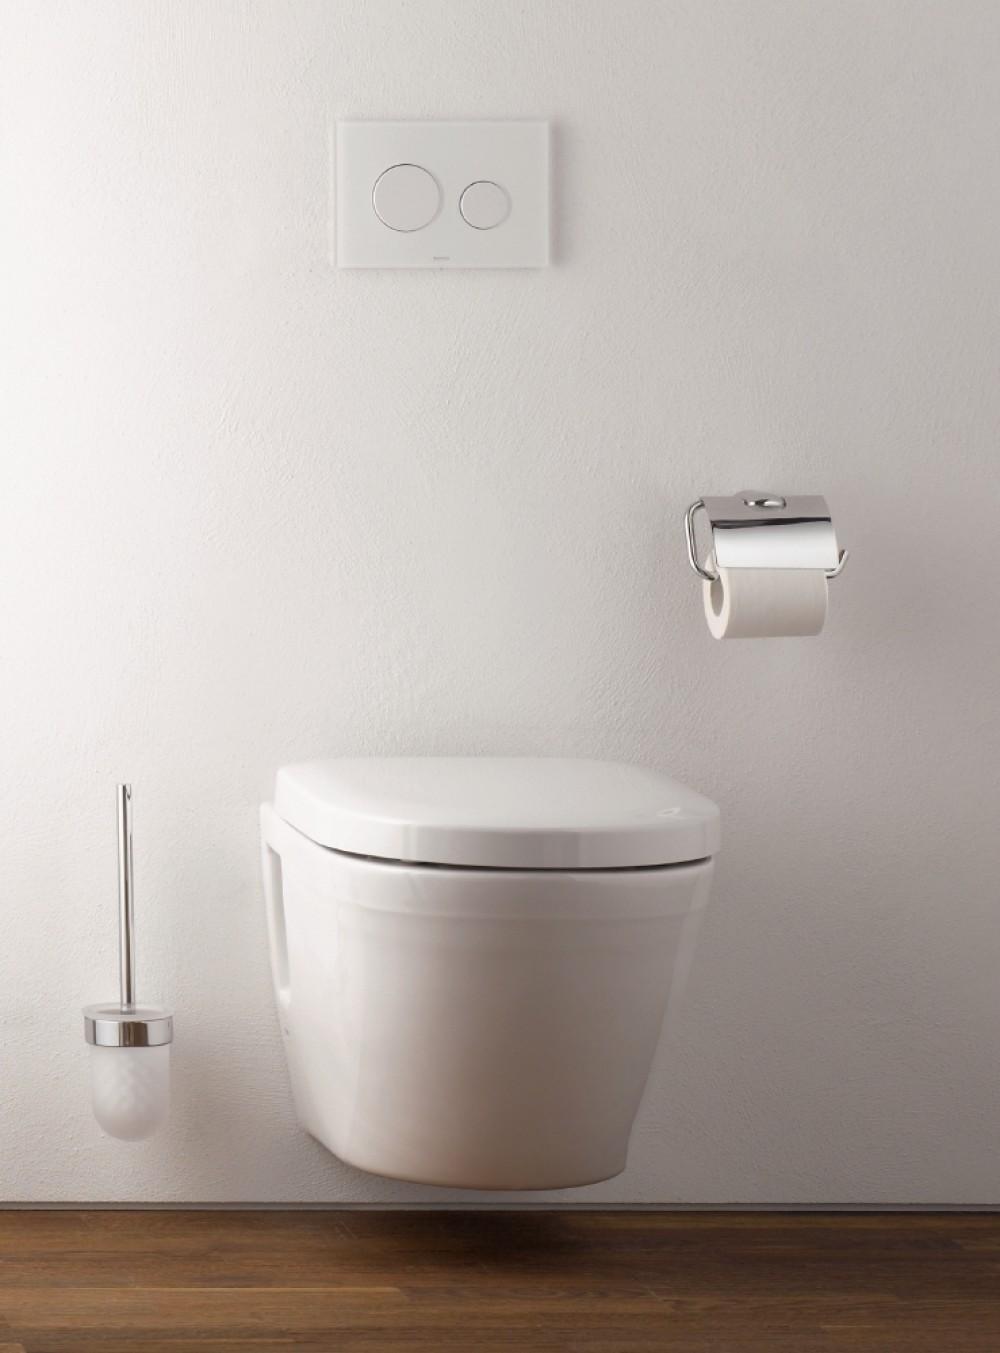 ohne spulrand wandhängend CW762Y wc